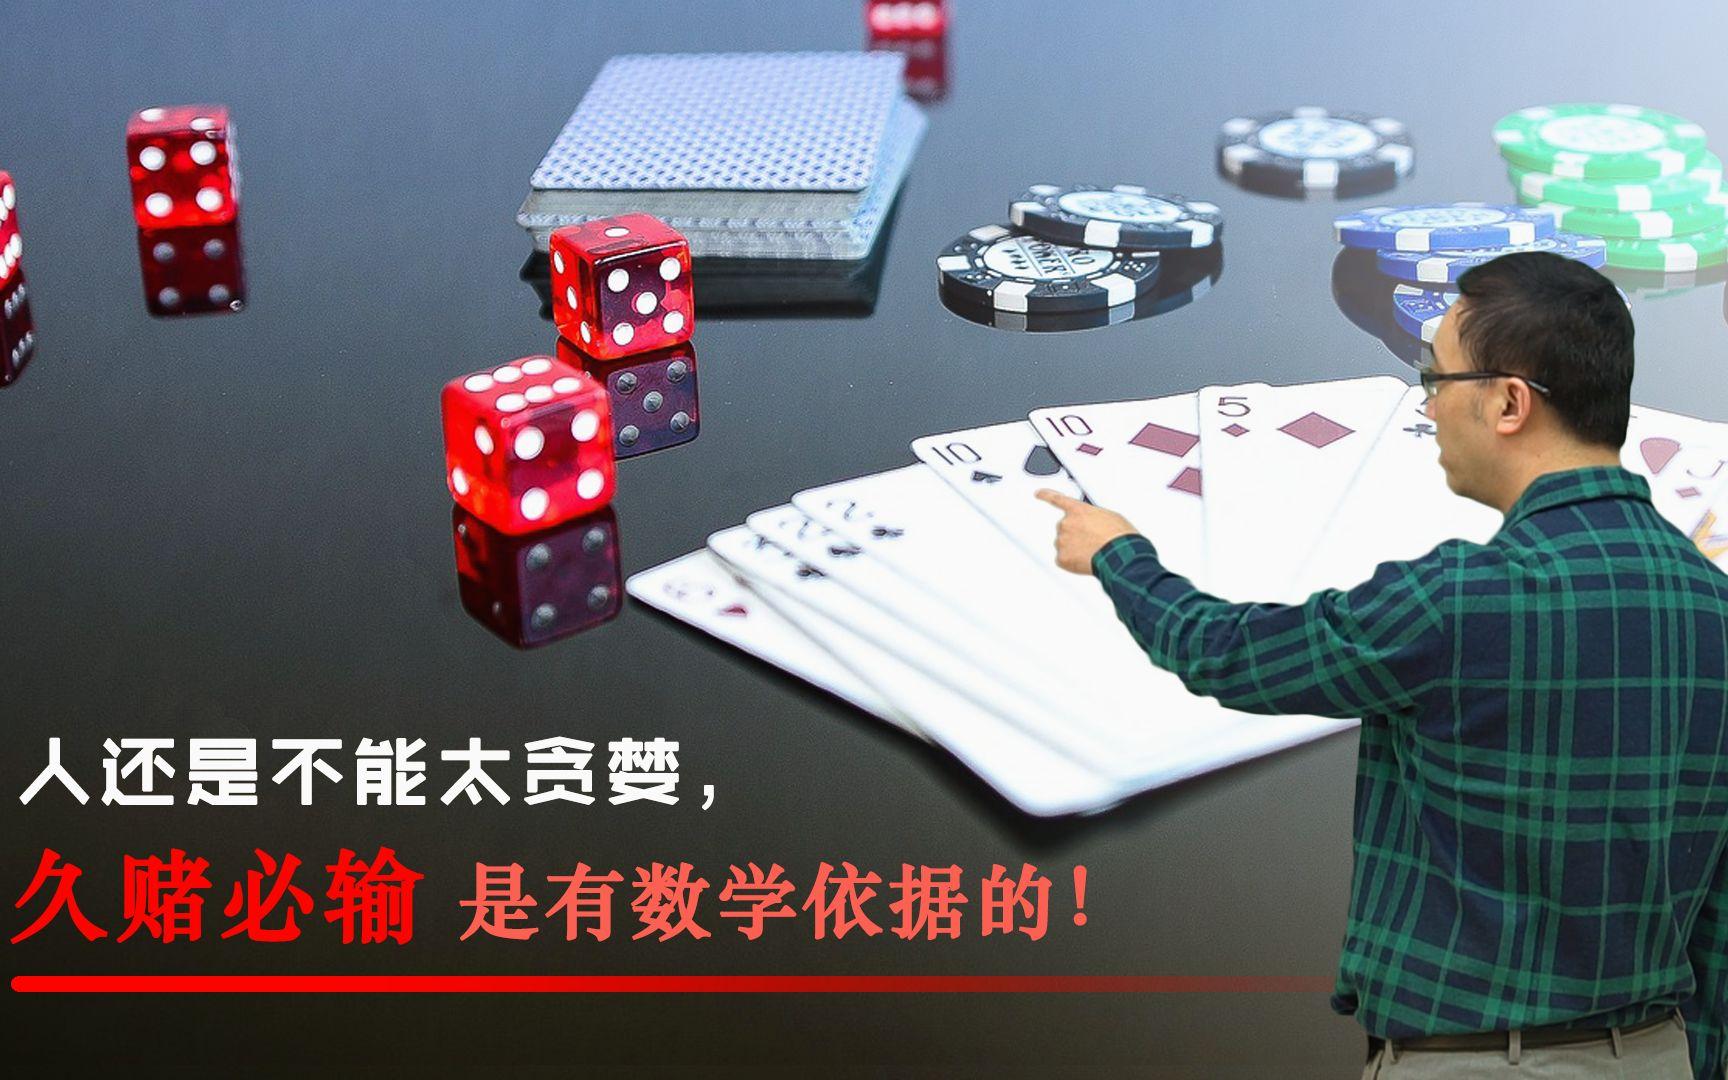 股票加杠杆,风险为啥这么大?李永乐老师讲赌徒输光原理